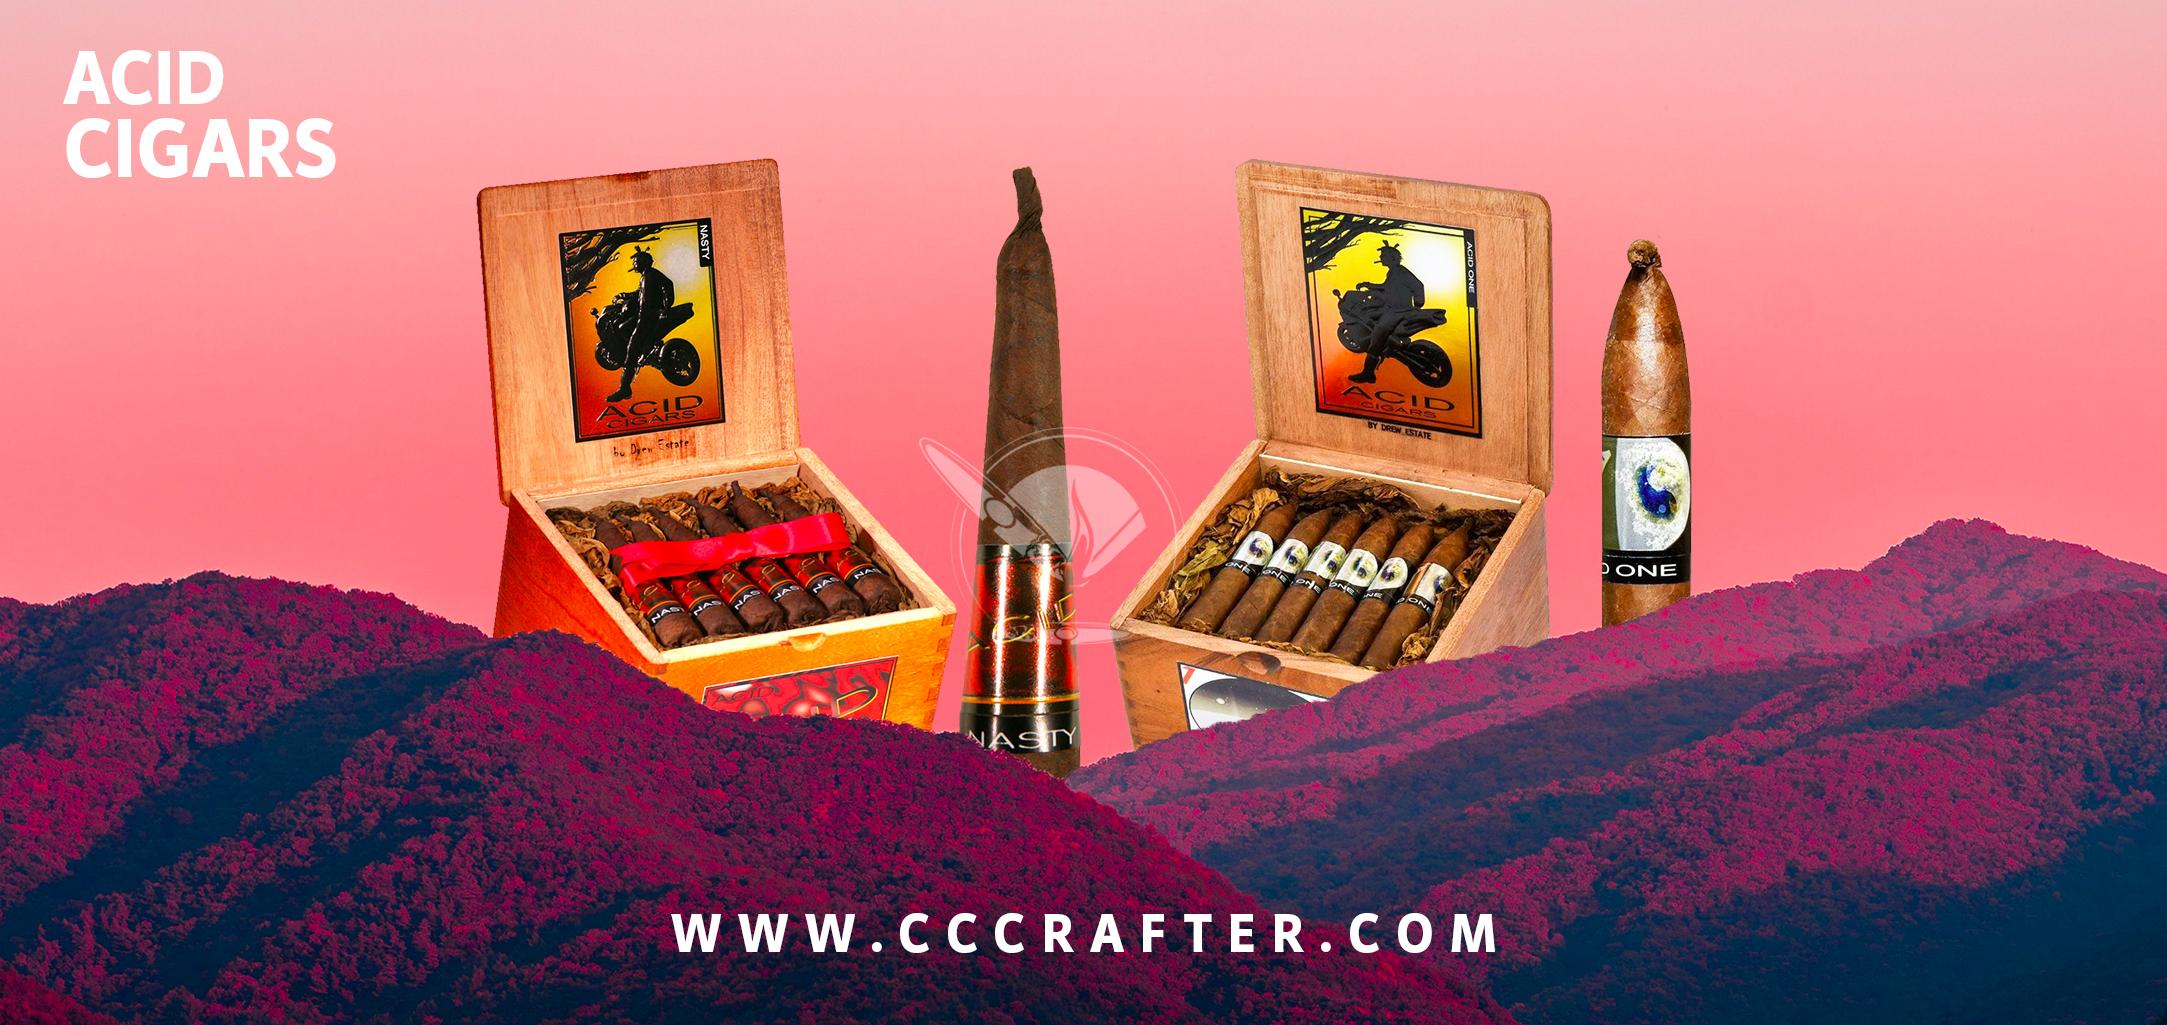 acid-cigars-captura12.jpg